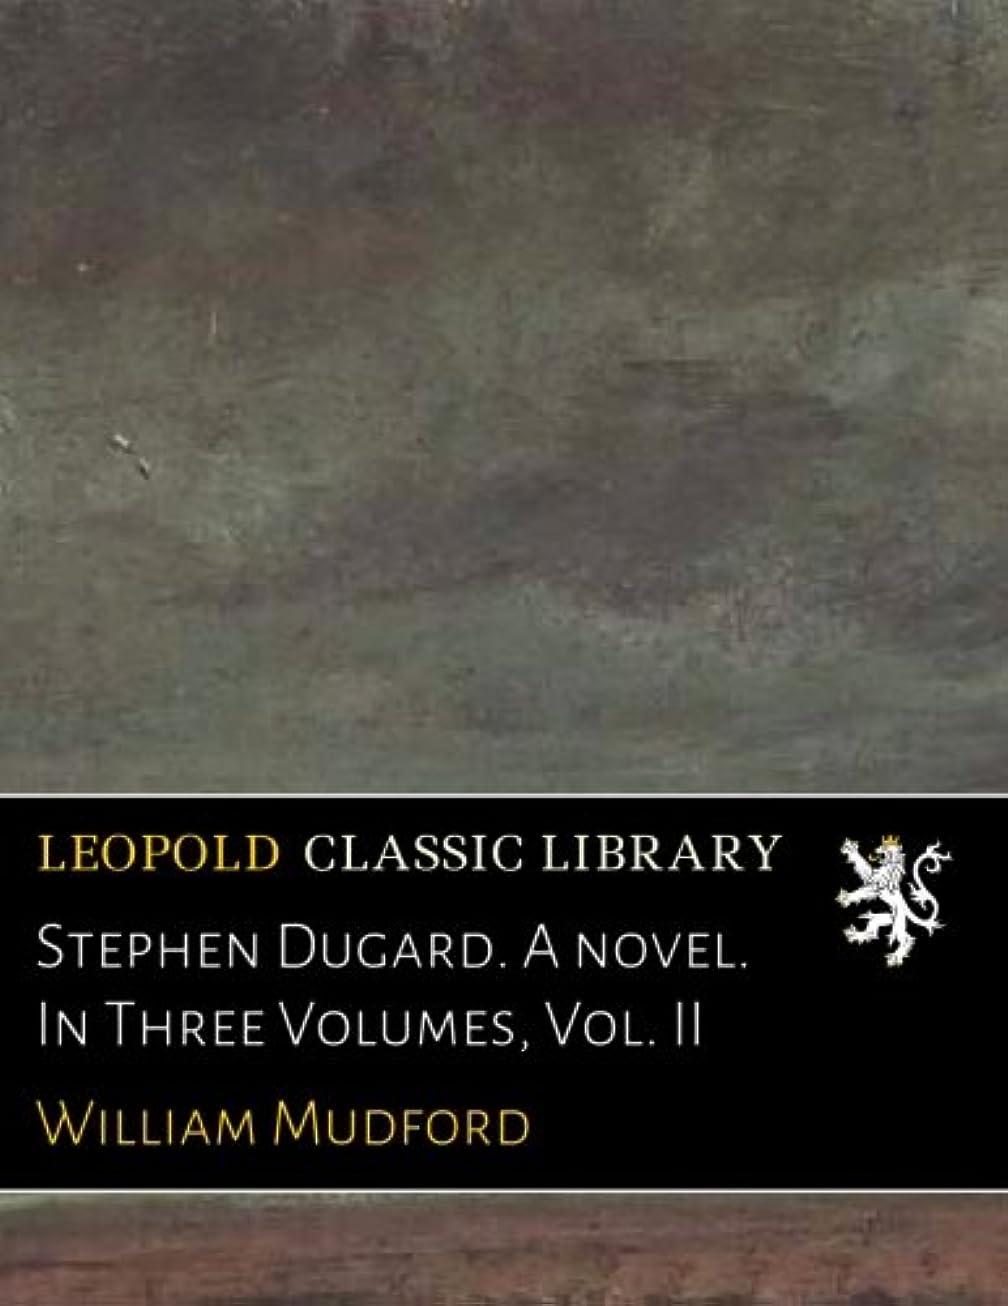 スカルク書く役に立つStephen Dugard. A novel. In Three Volumes, Vol. II